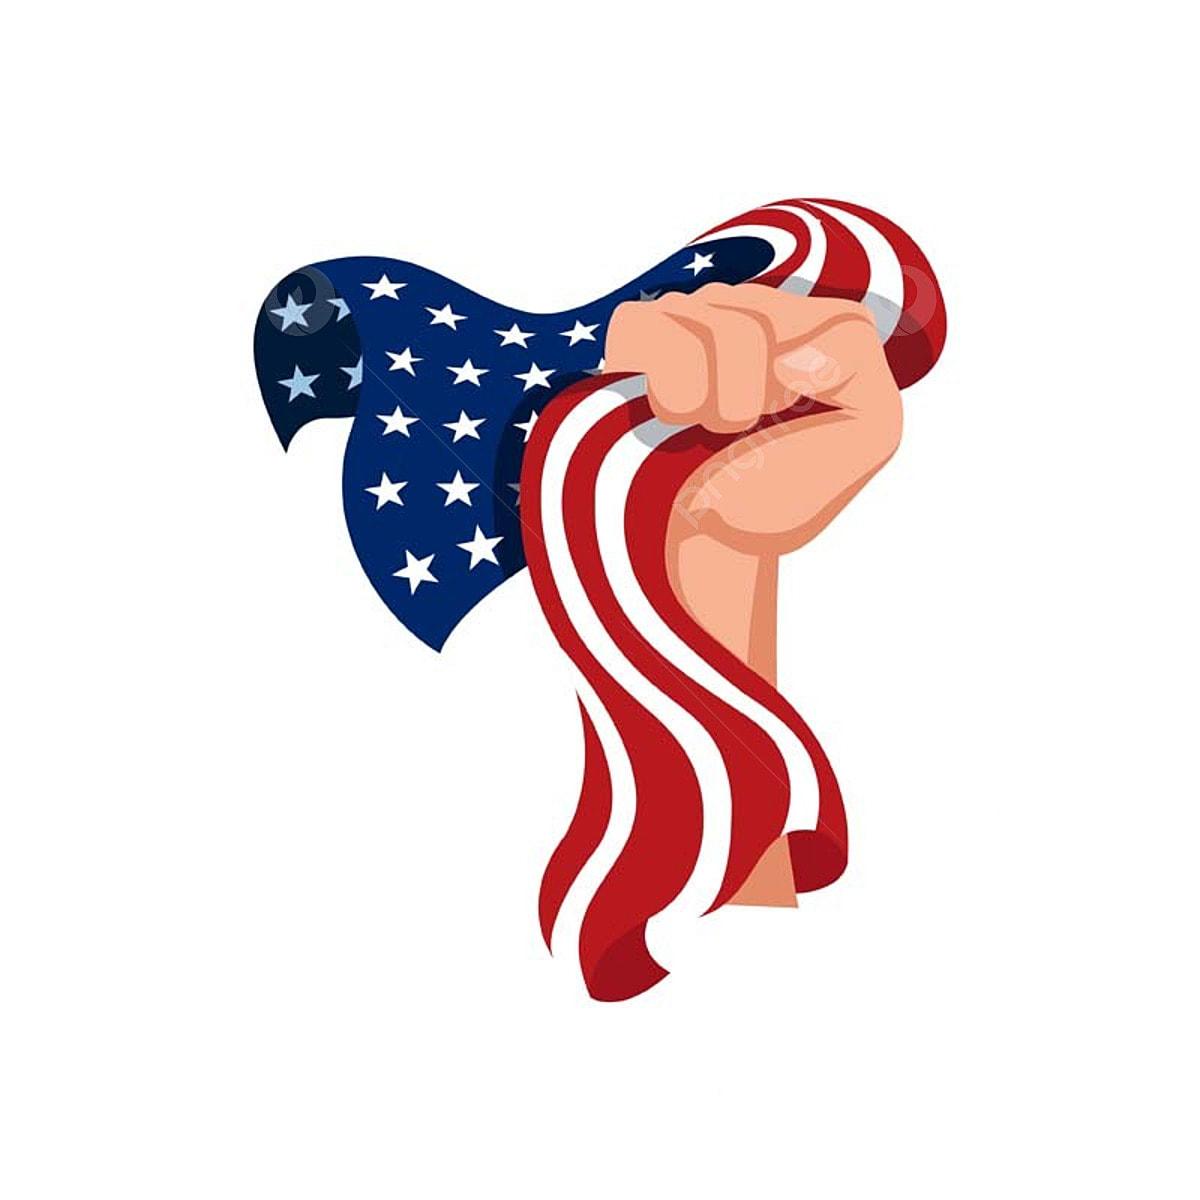 アメリカ 人類の自由のイラストのアメリカ合衆国 自由 アメリカ